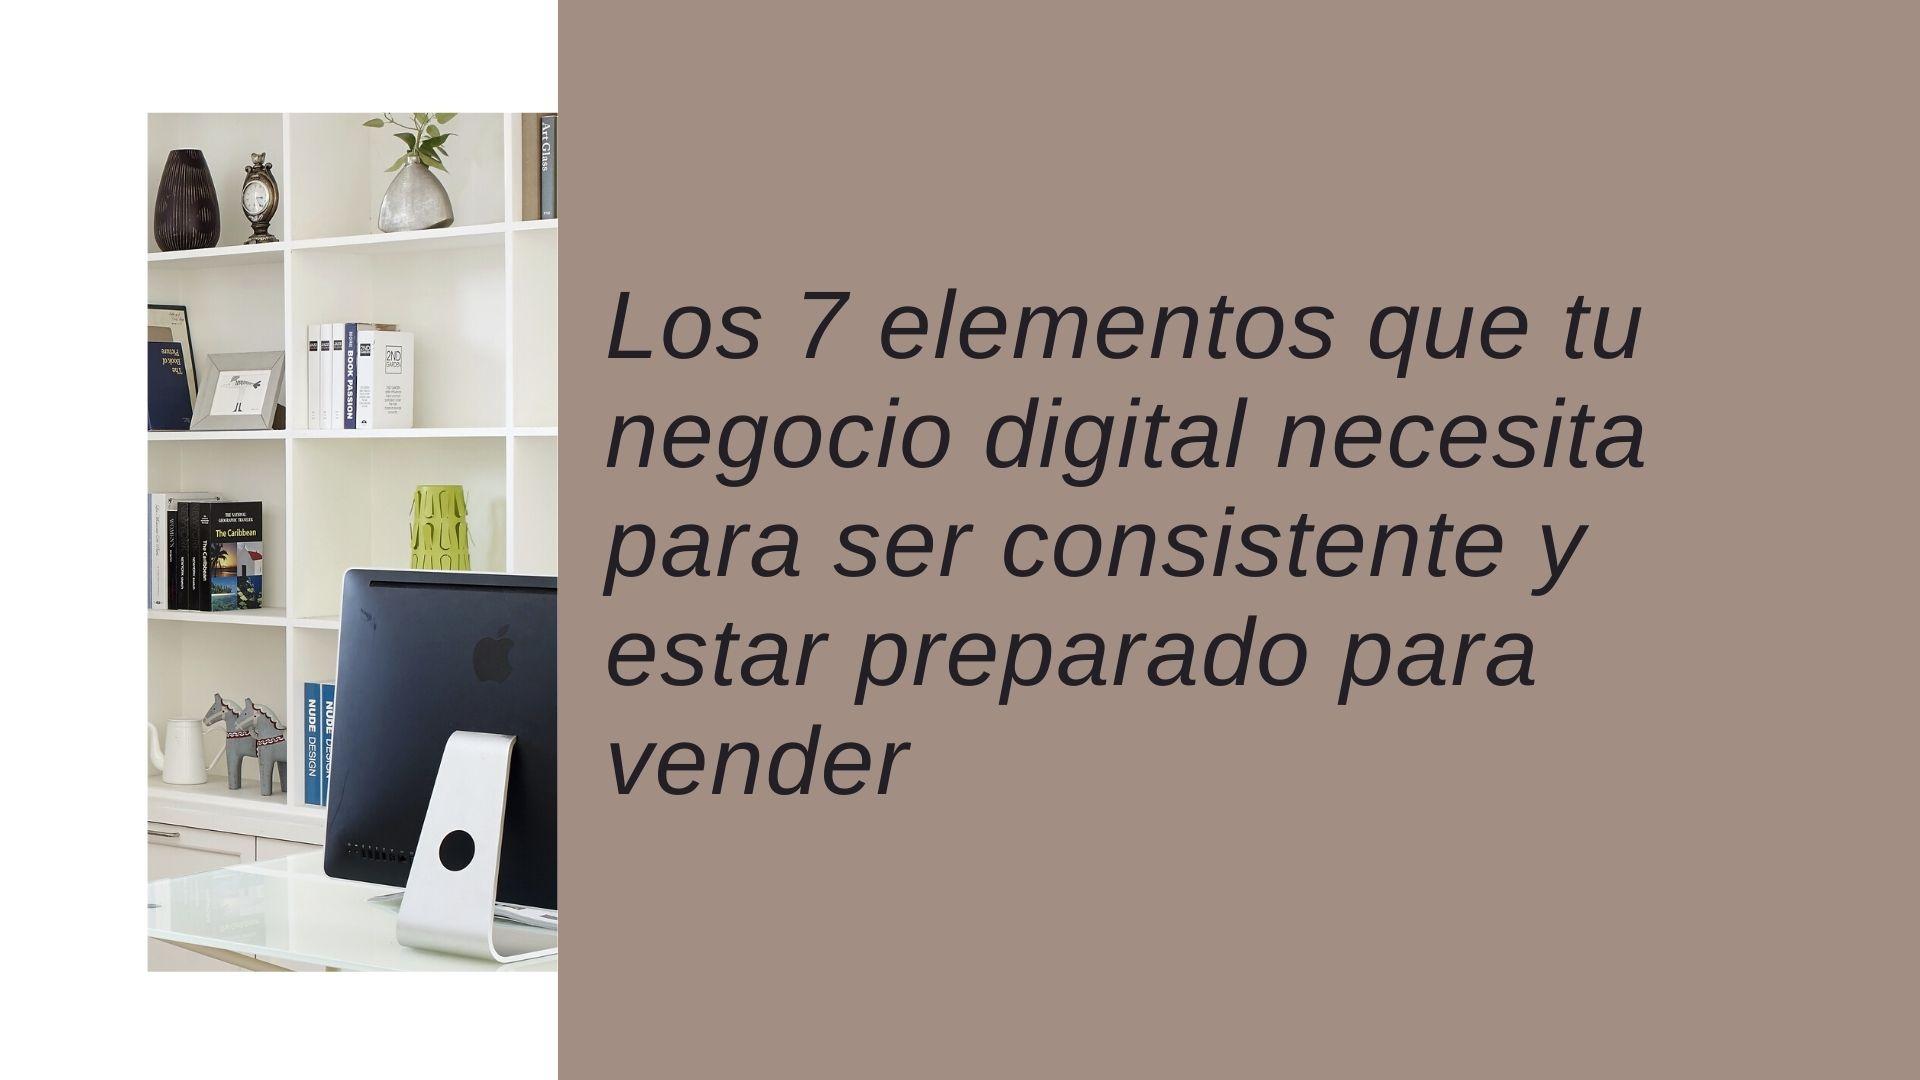 guia elementos negocio digital